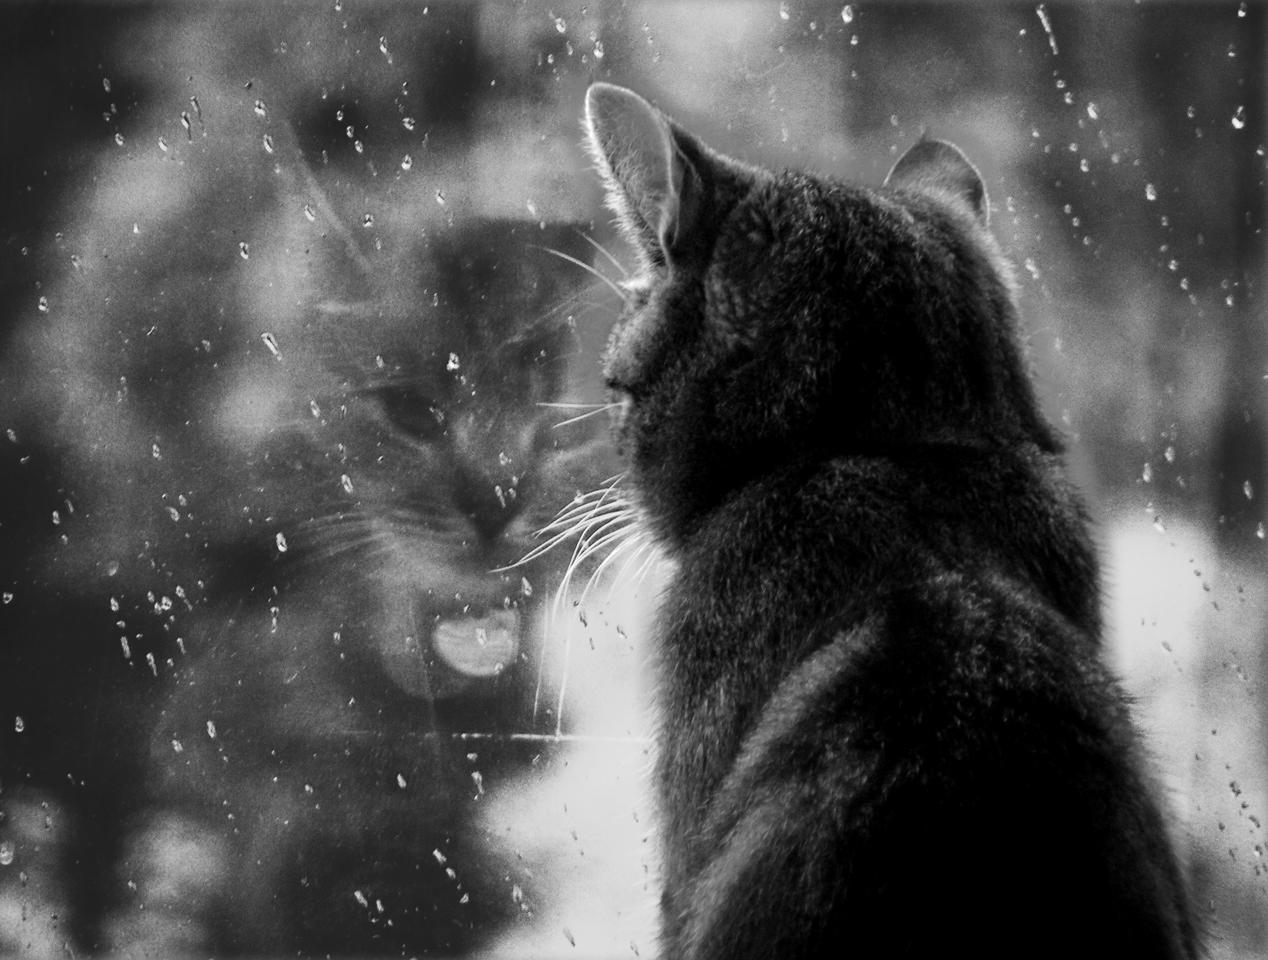 Горячо любимый кот Кузьма, который забрал себе мою болезнь... рис 2